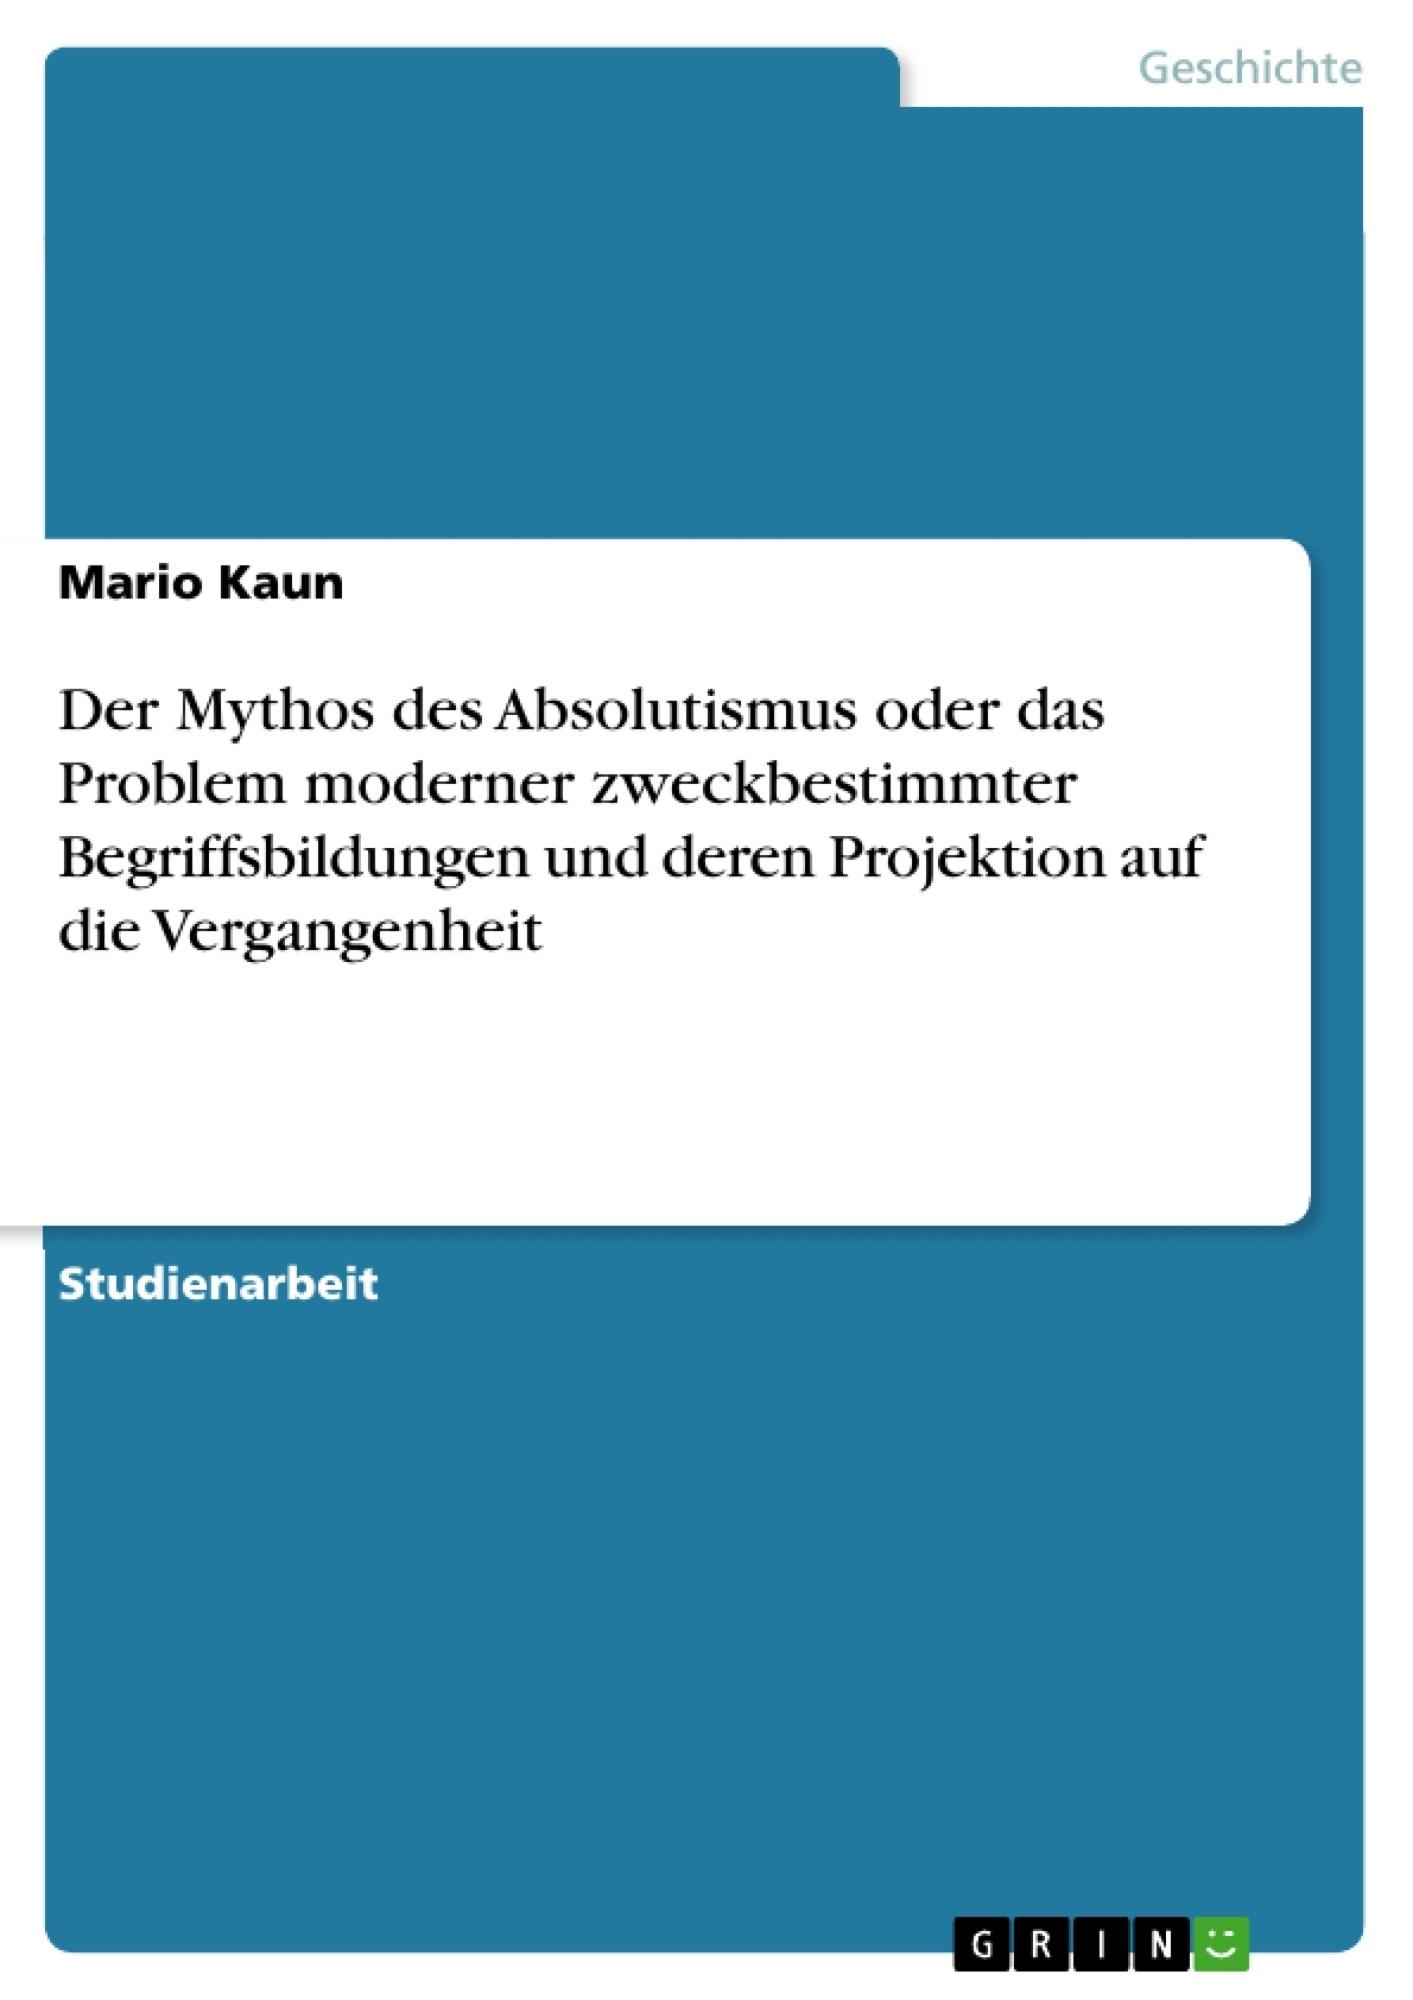 Titel: Der Mythos des Absolutismus oder das Problem moderner zweckbestimmter Begriffsbildungen und deren Projektion auf die Vergangenheit